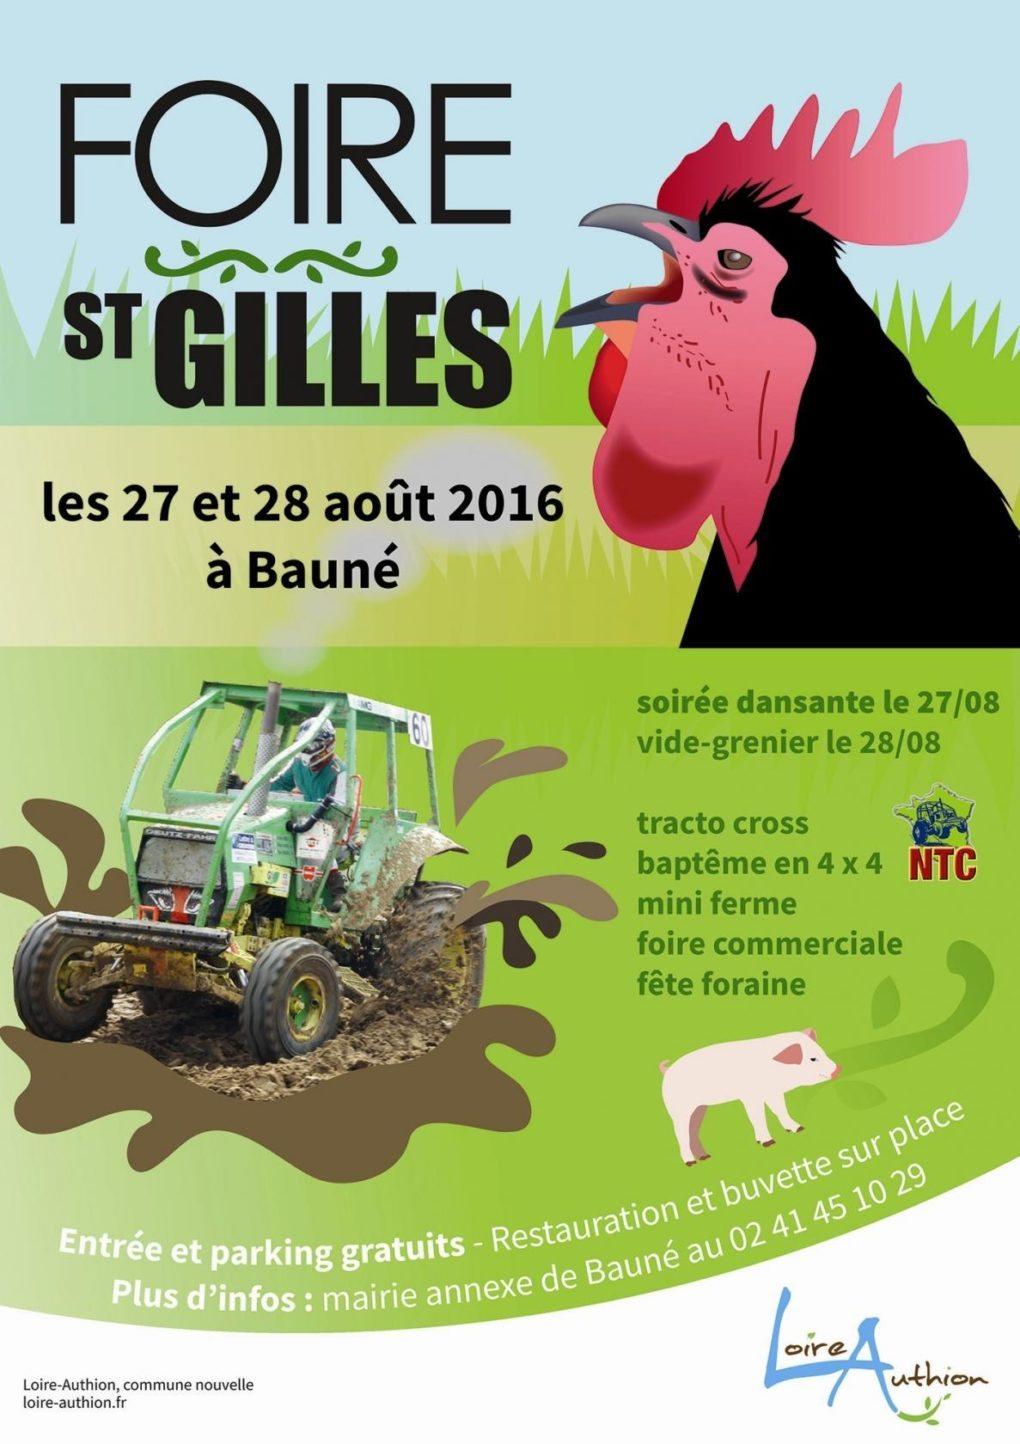 Foire Saint-Gilles Loire-Authion